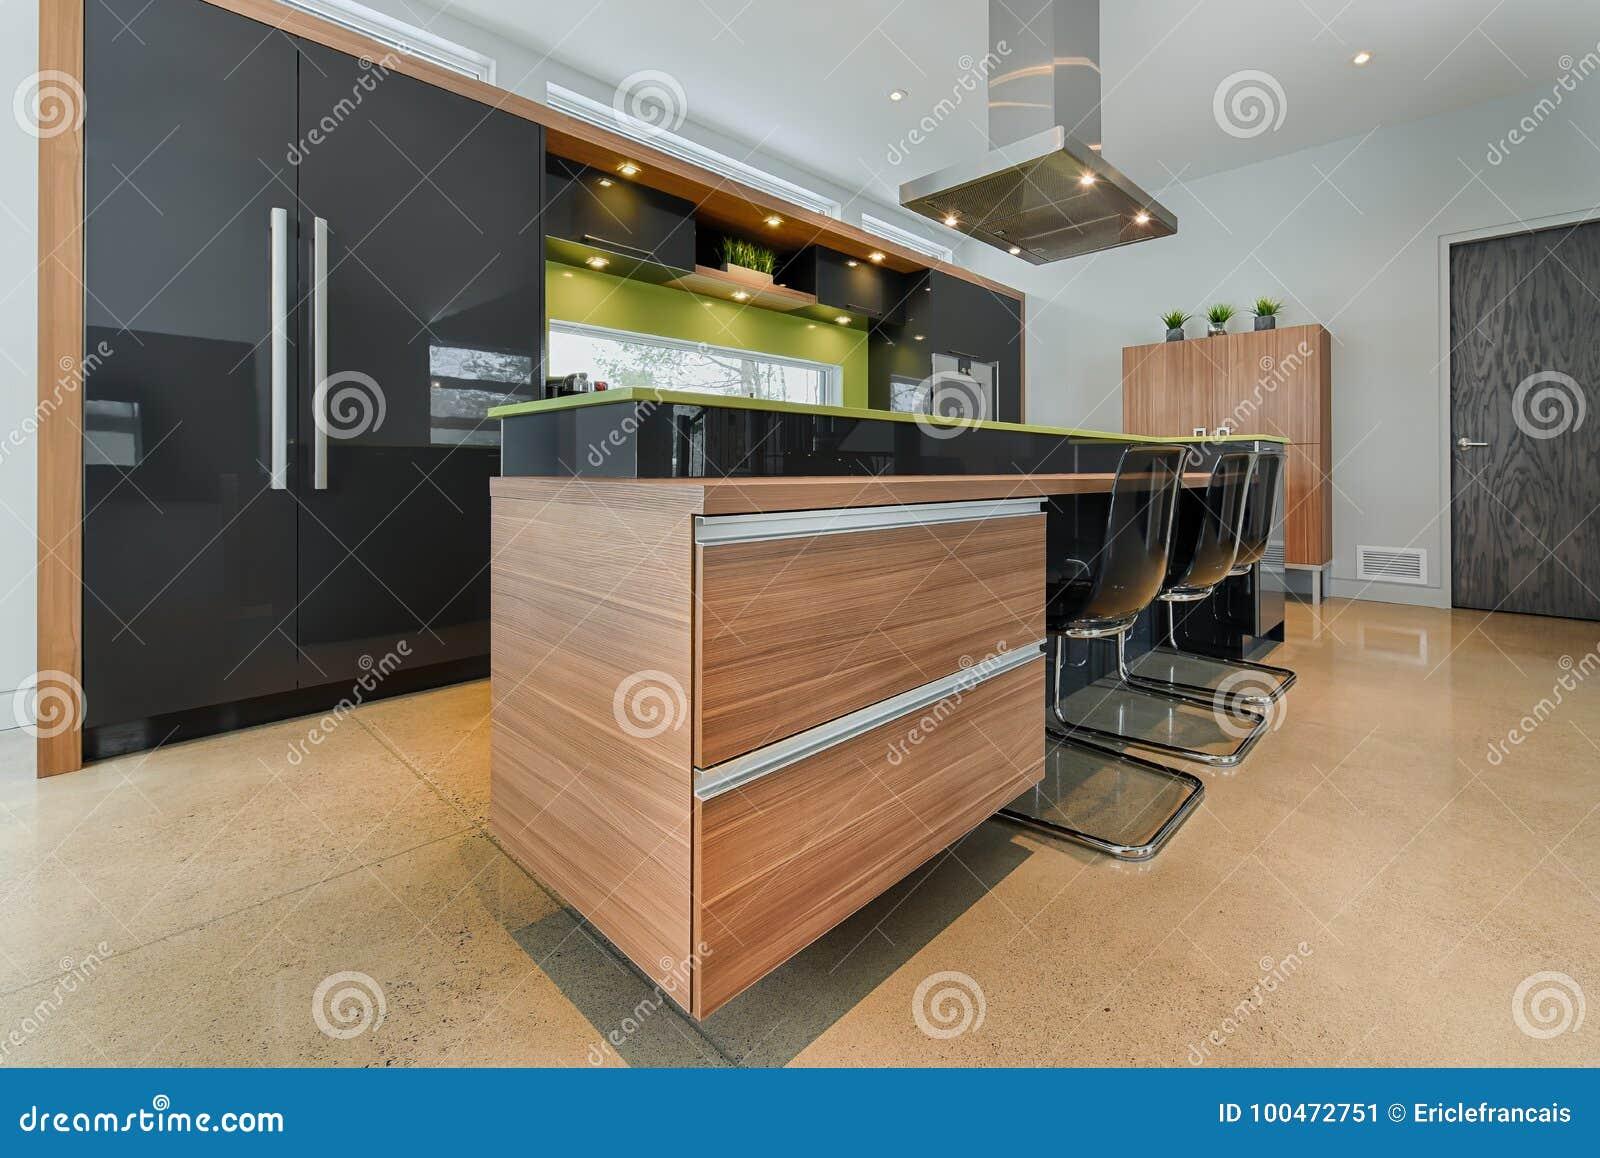 Ilha De Cozinha Moderna Com Gavetas Integradas Imagem De Stock